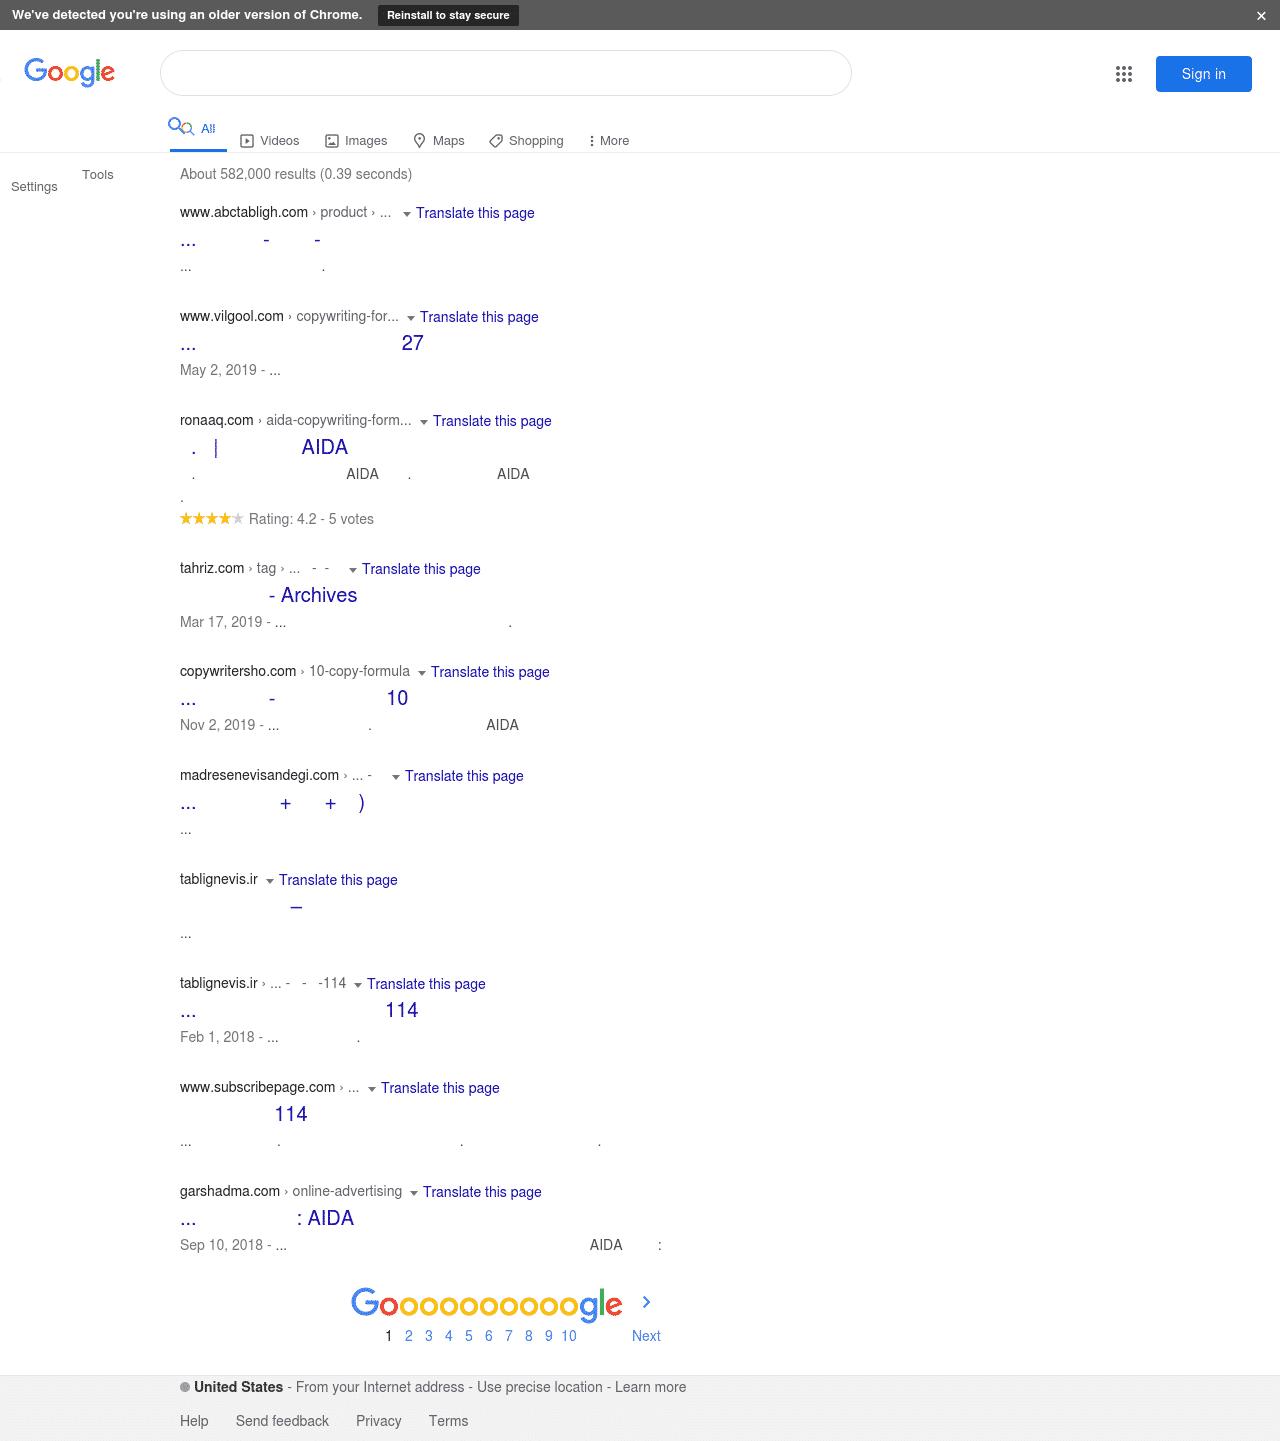 برای انسان تولید محتوا میکنید یا برای کامپیوترهای احمق